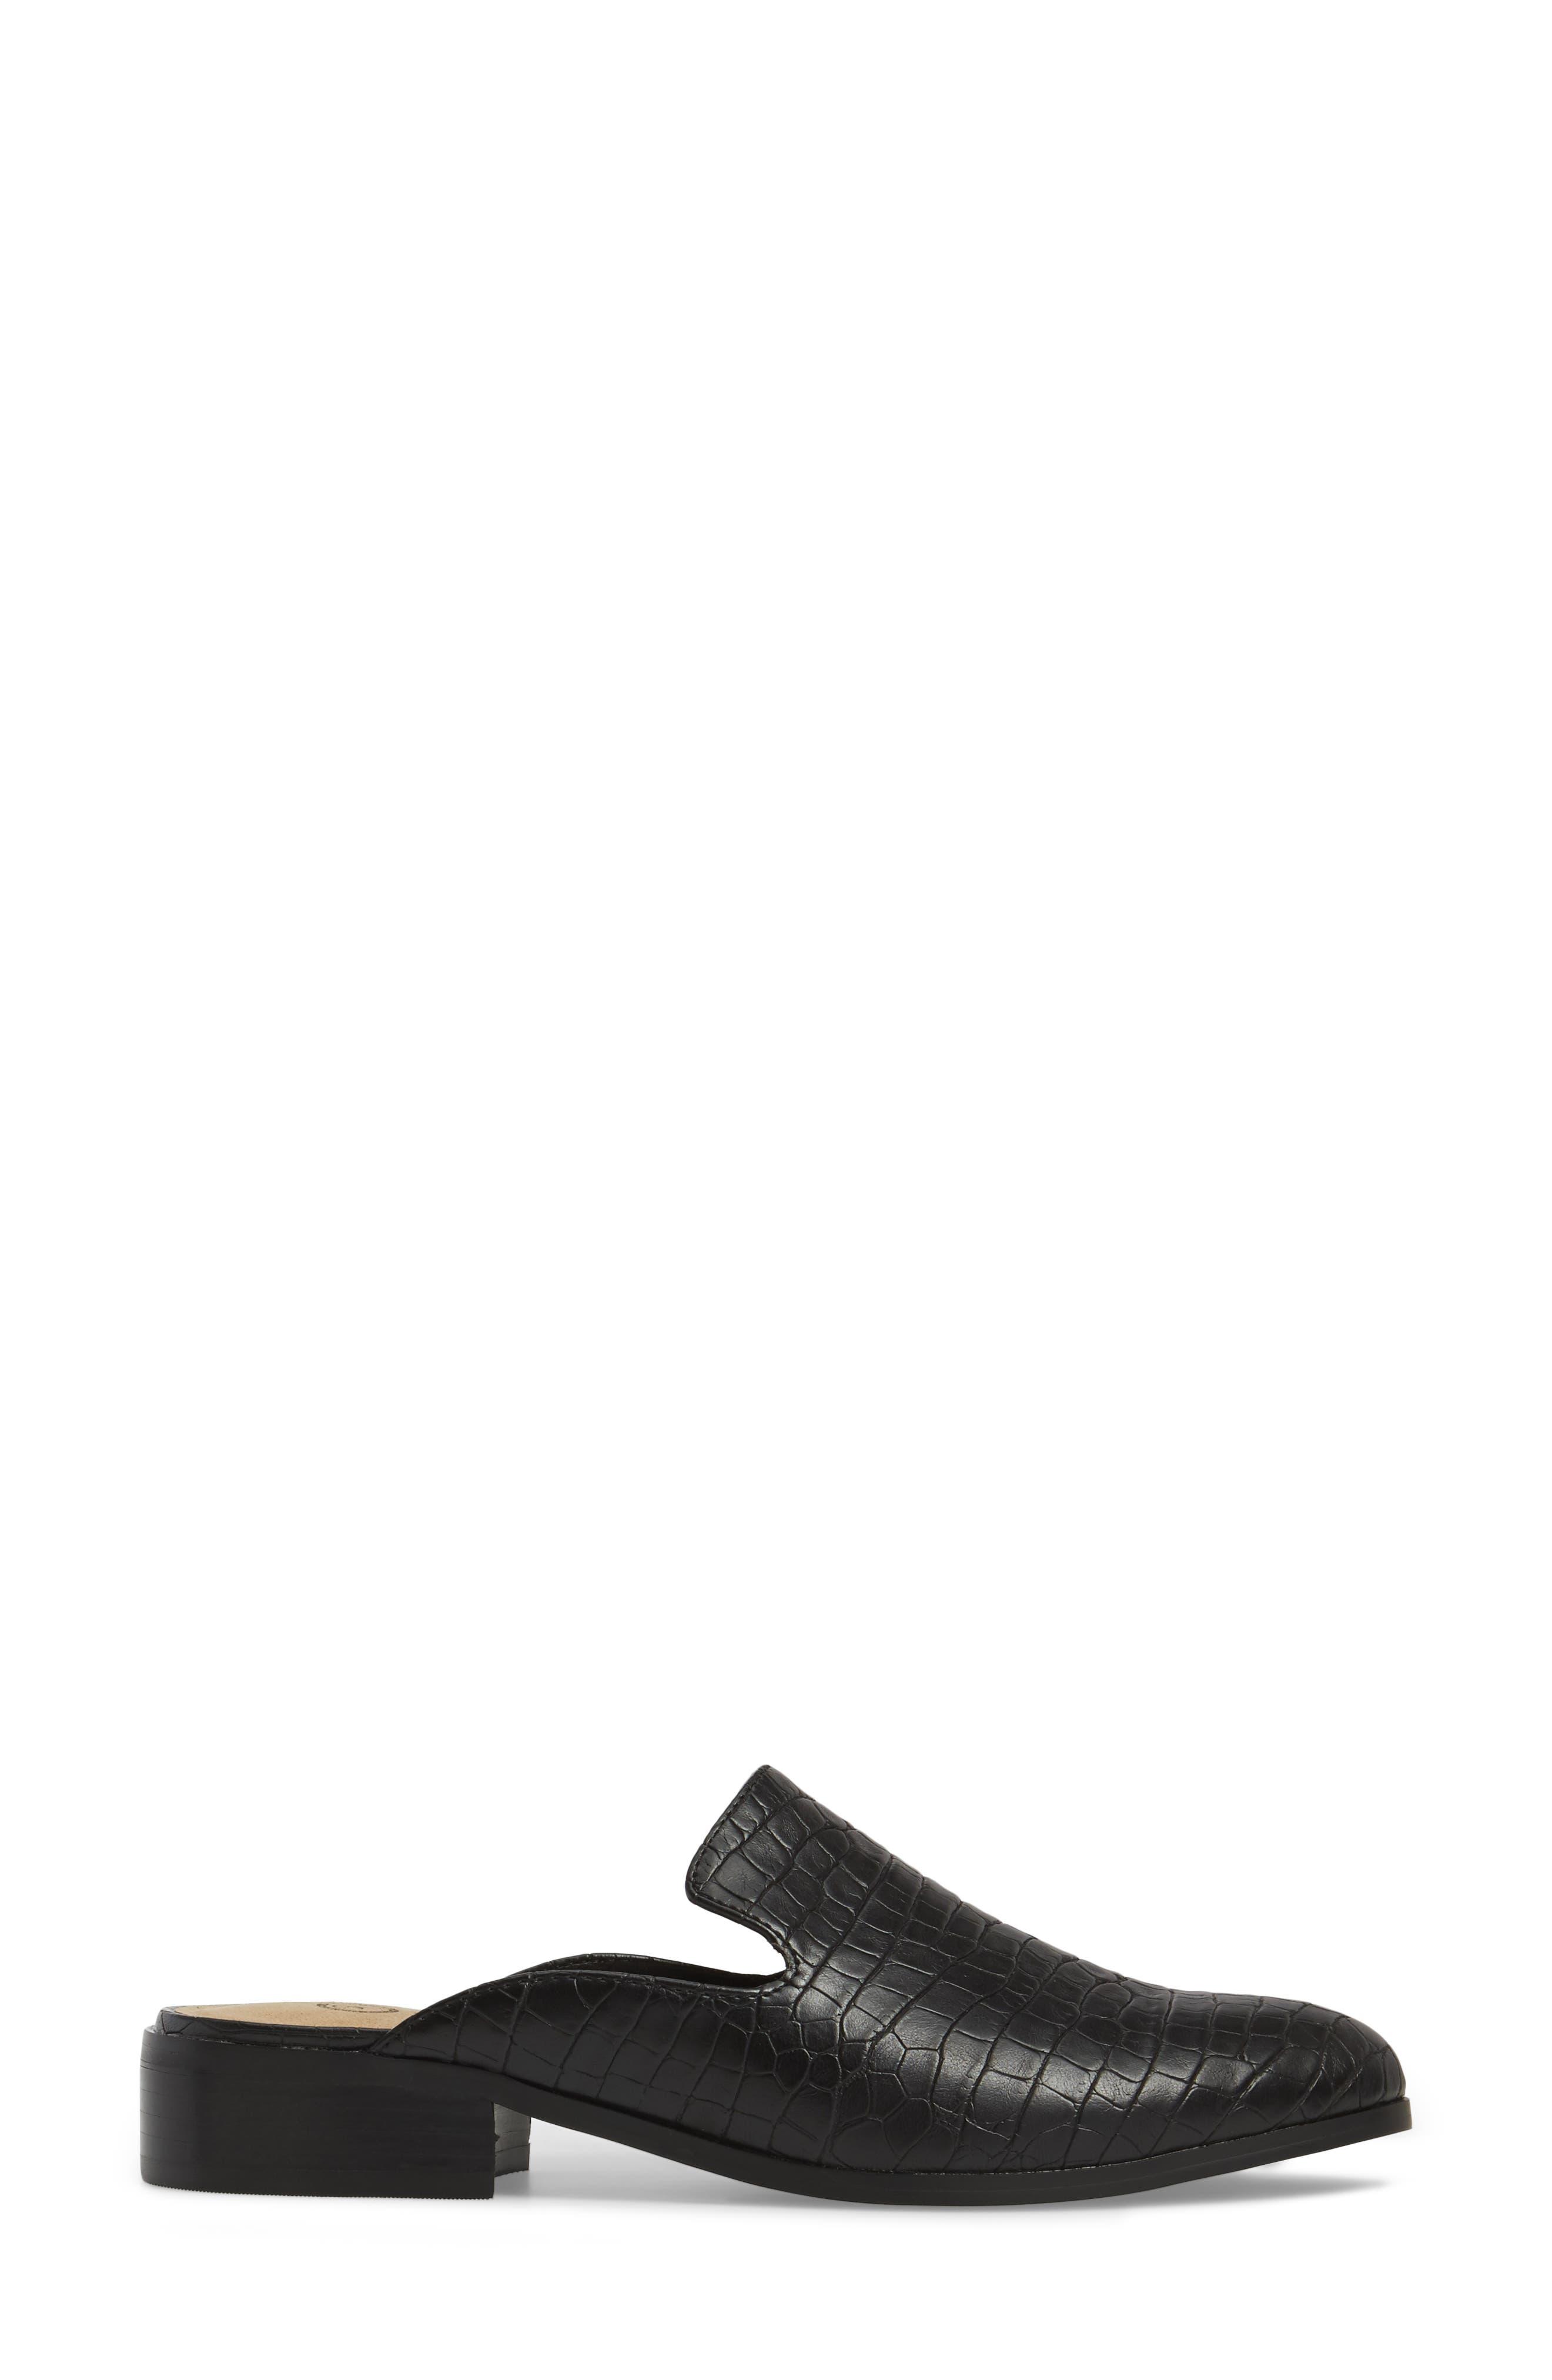 Alternate Image 3  - Bella Vita Briar II Loafer Mule (Women)